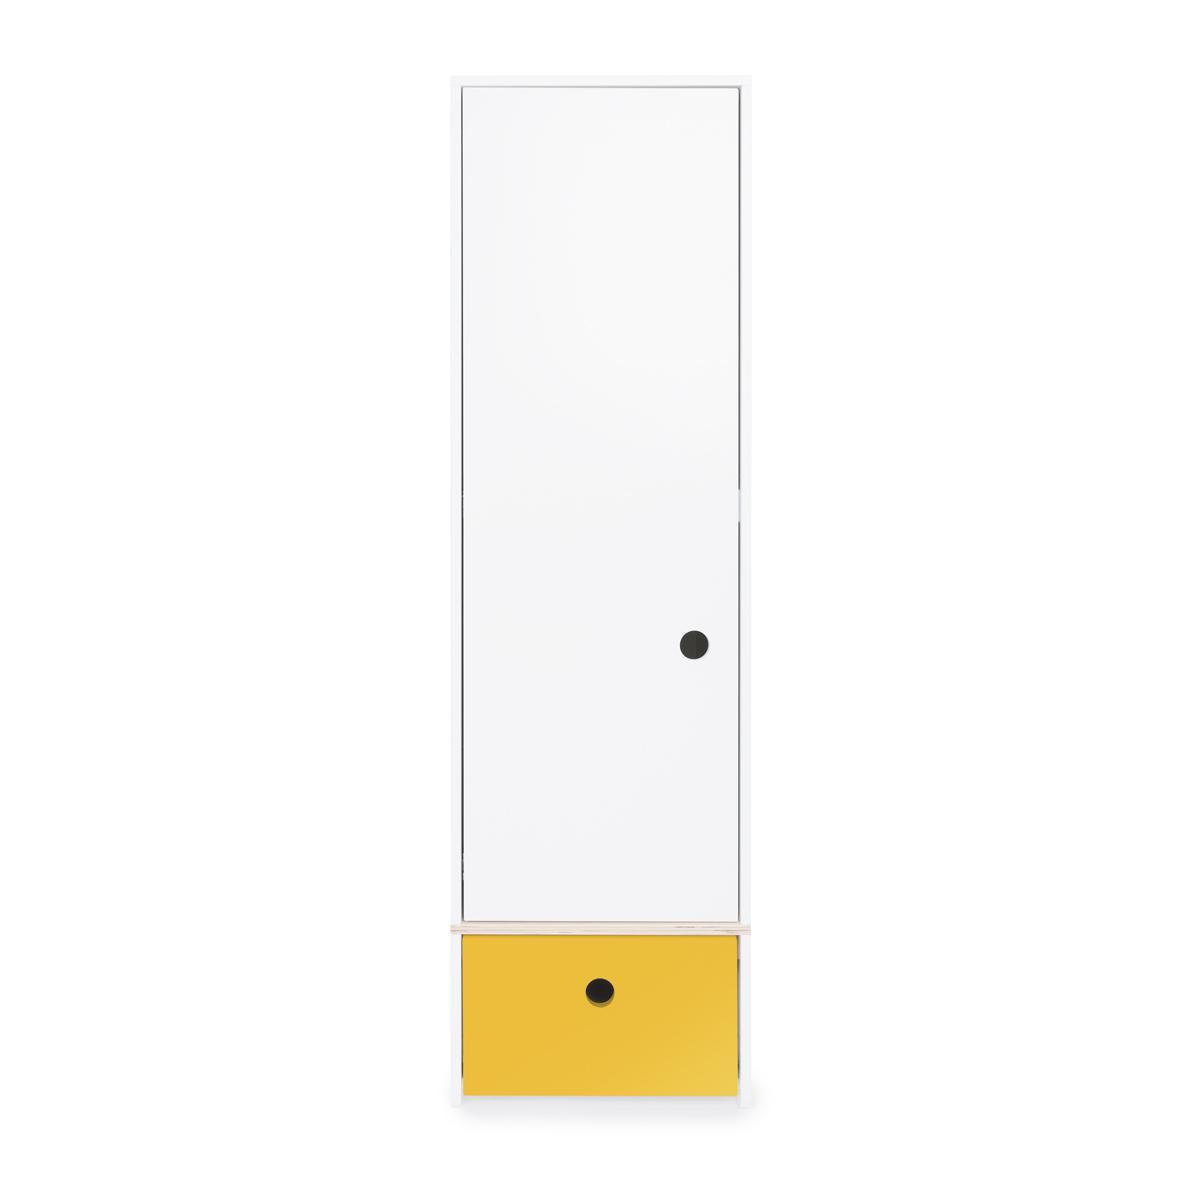 Armoire 1 porte façade tiroir jaune